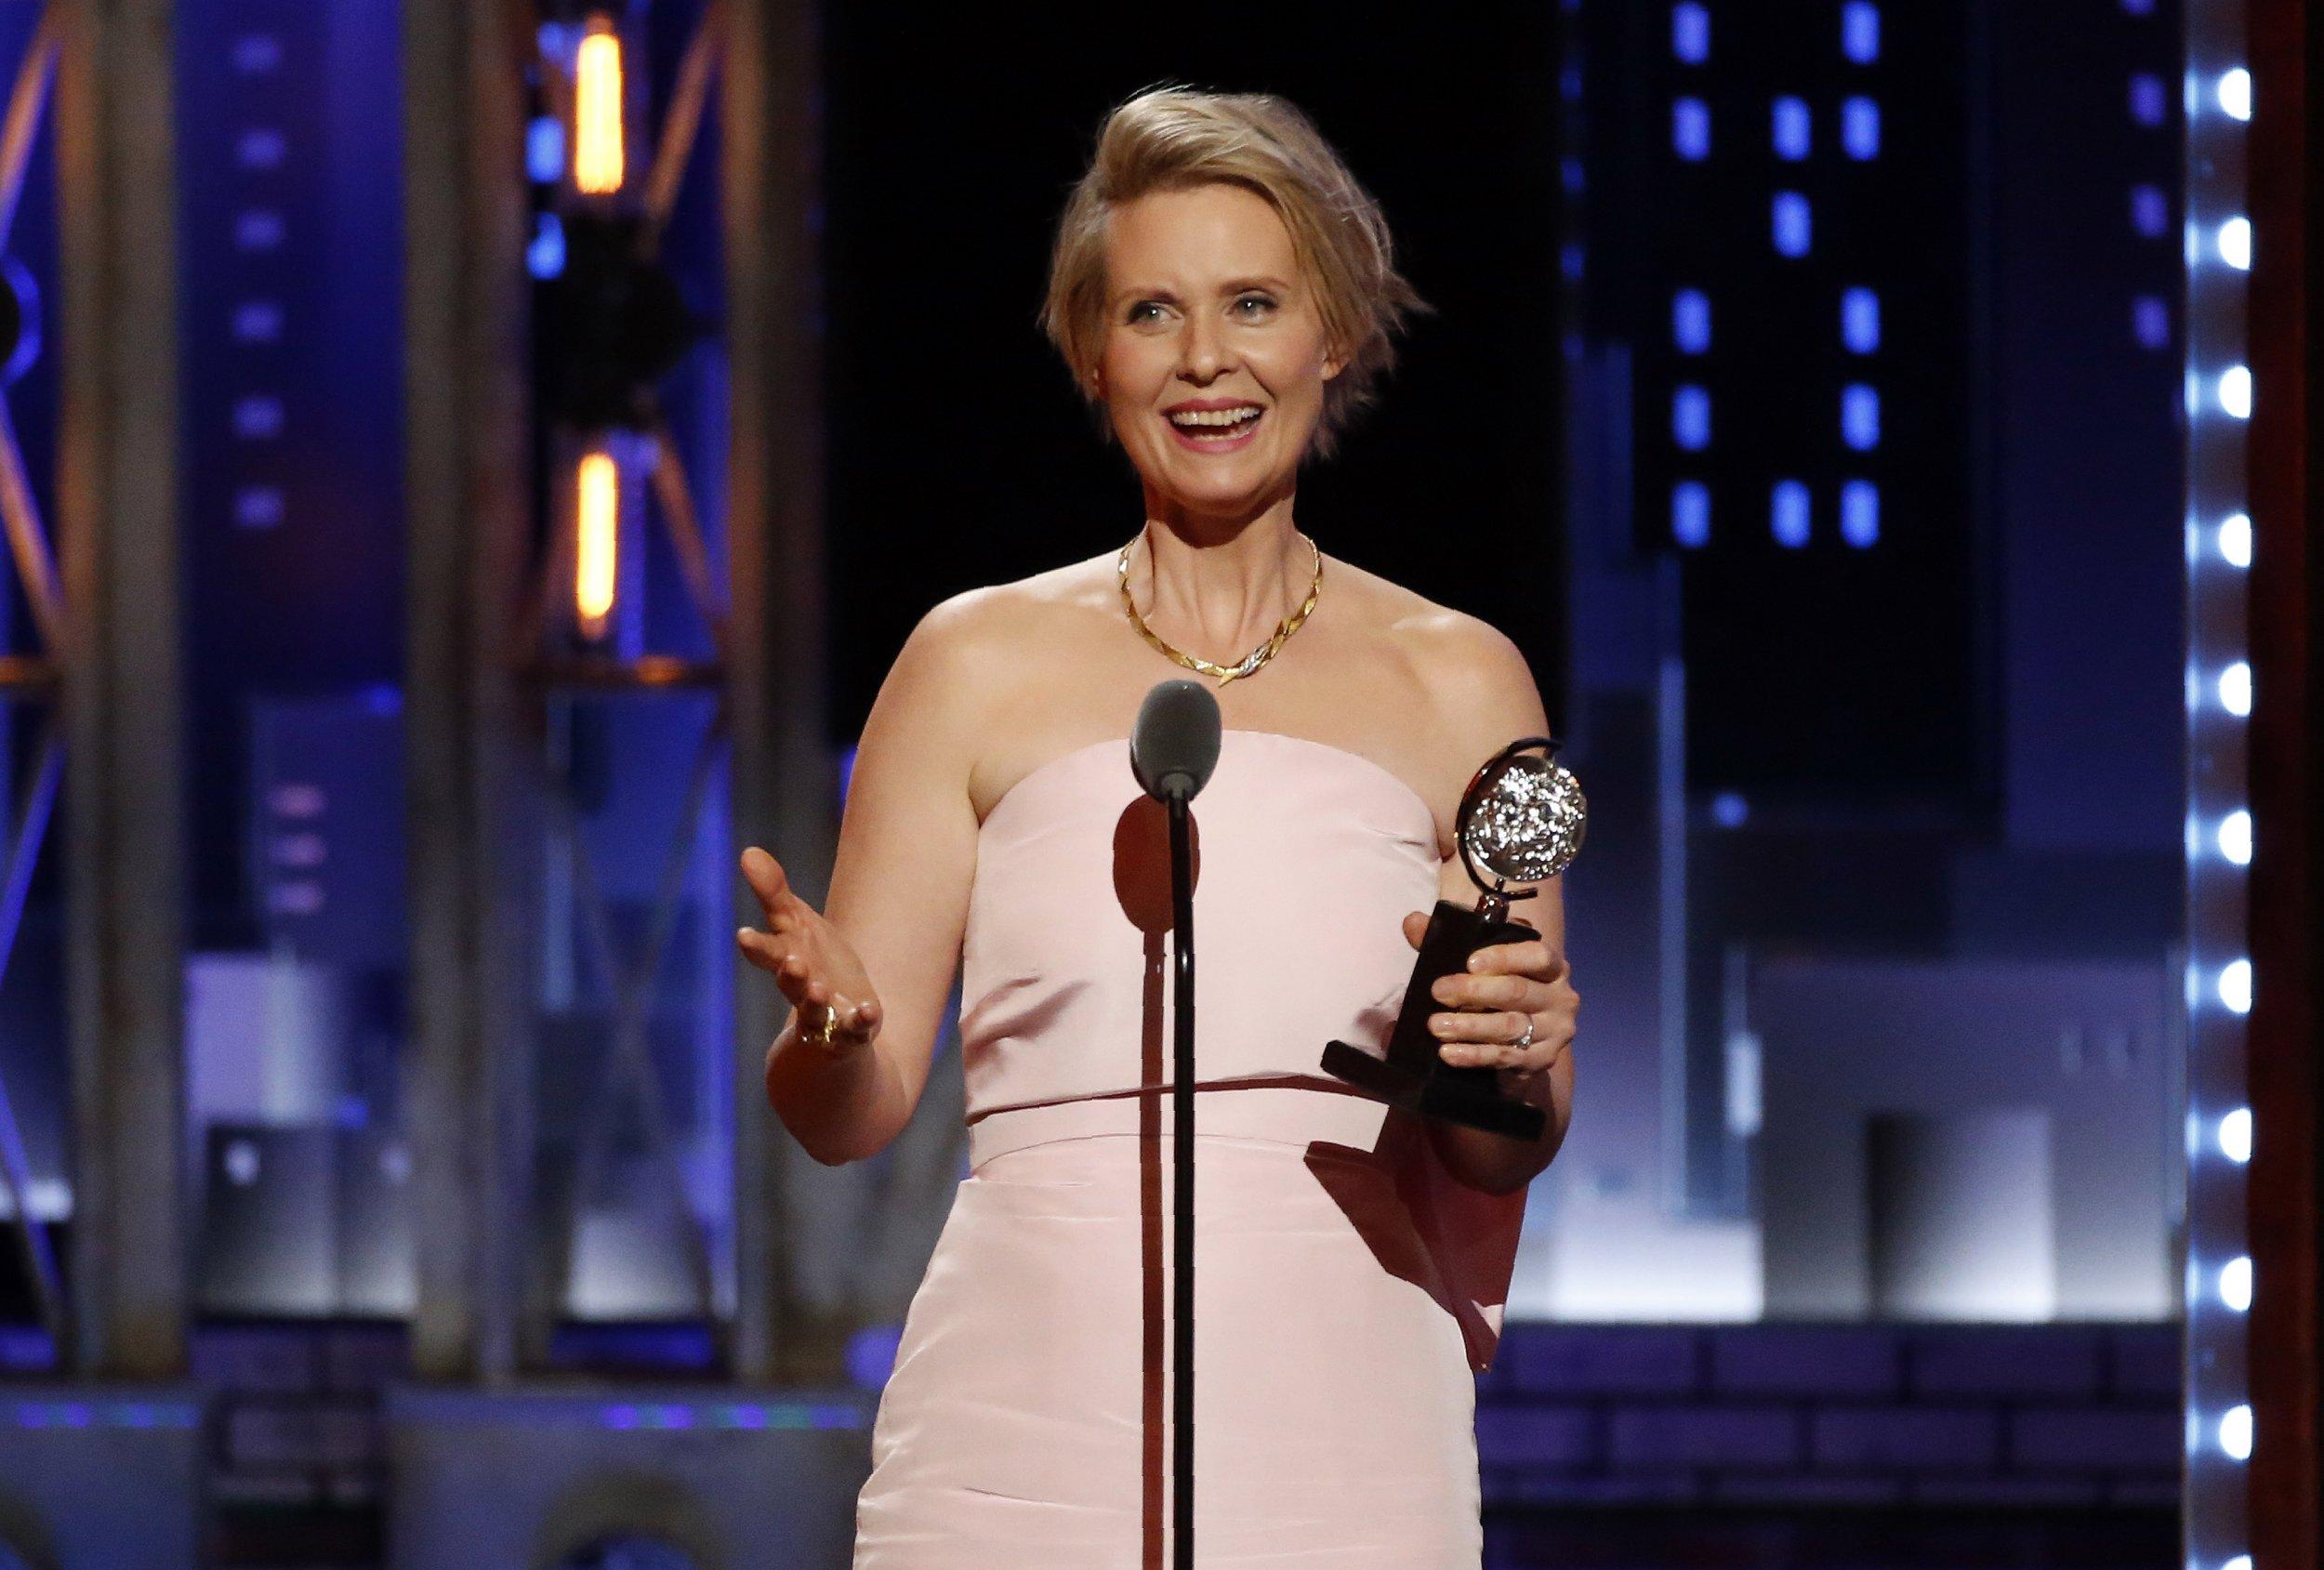 Cynthia Nixon at the Tony Awards